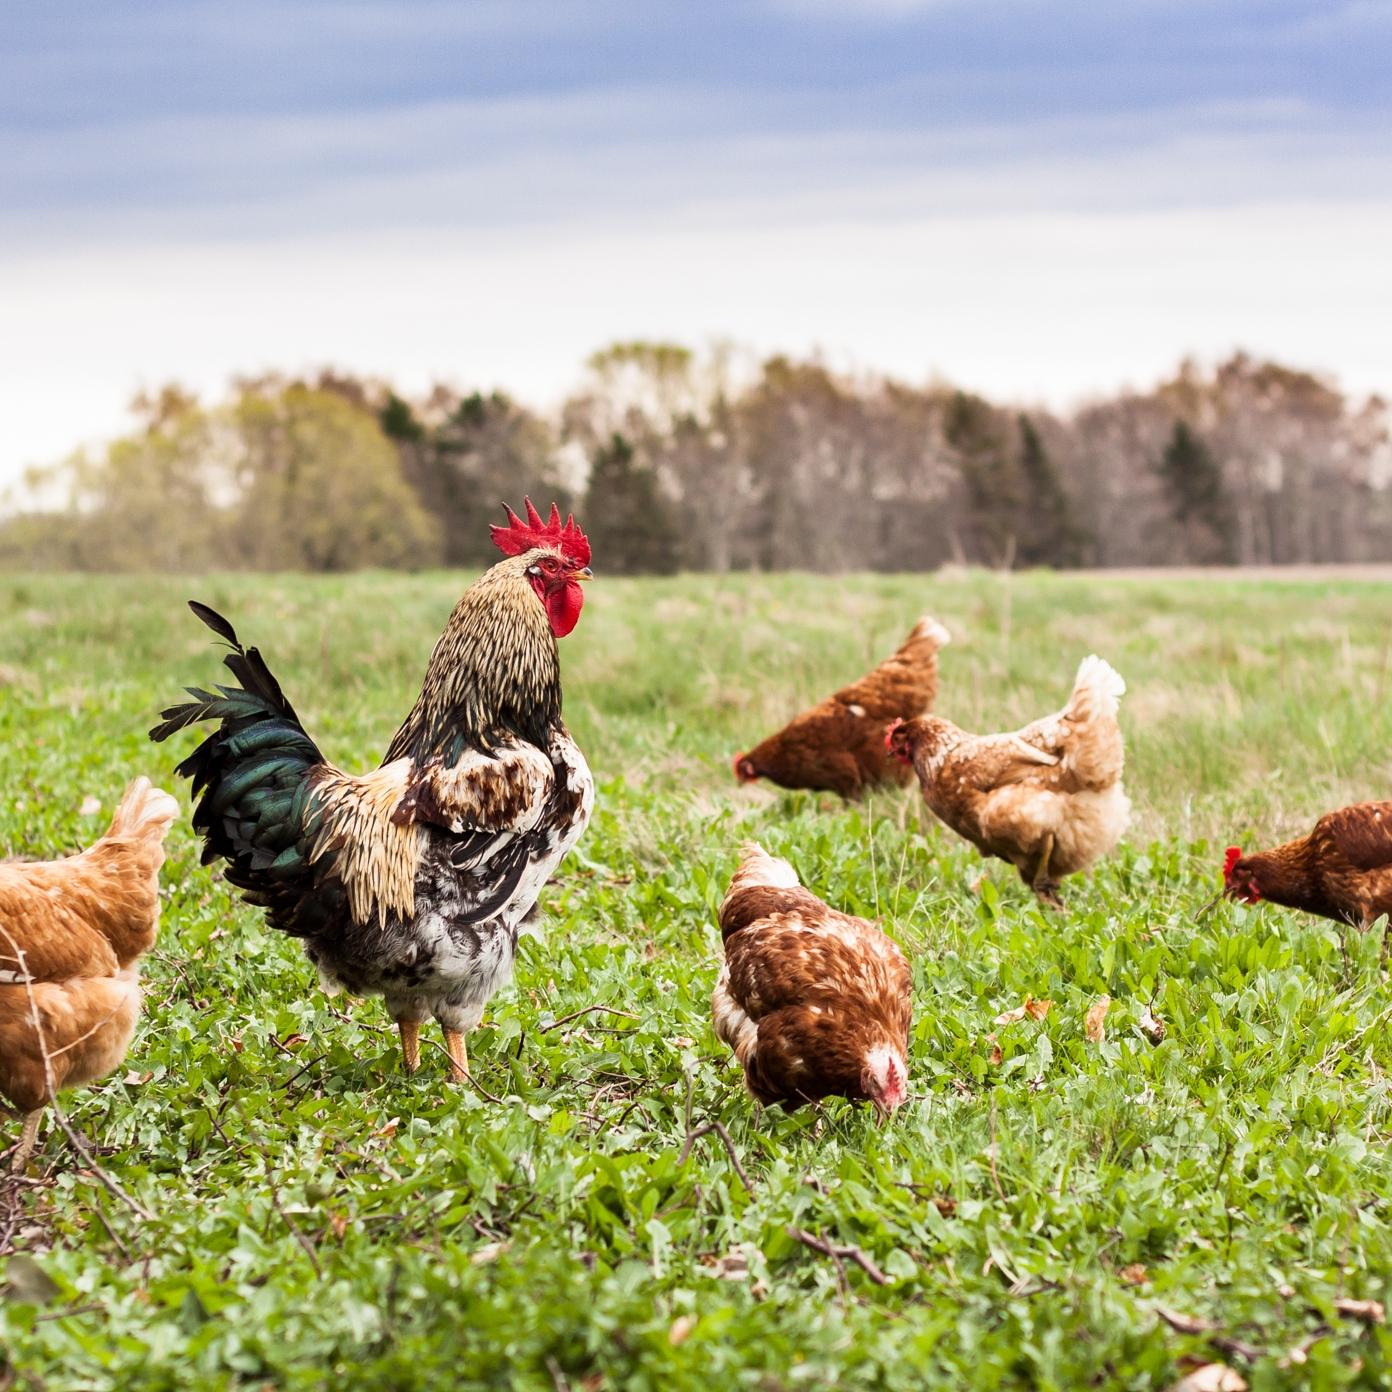 """""""Hele mit produkt handler om, at det er dyr, der kommer ud og går frit og spiser rigtigt meget græs. Dyr, der har et godt liv. Pludselig var jeg reduceret til noget, der mest af alt minder om en burhønseproducent"""" - — Johanne Schimming"""